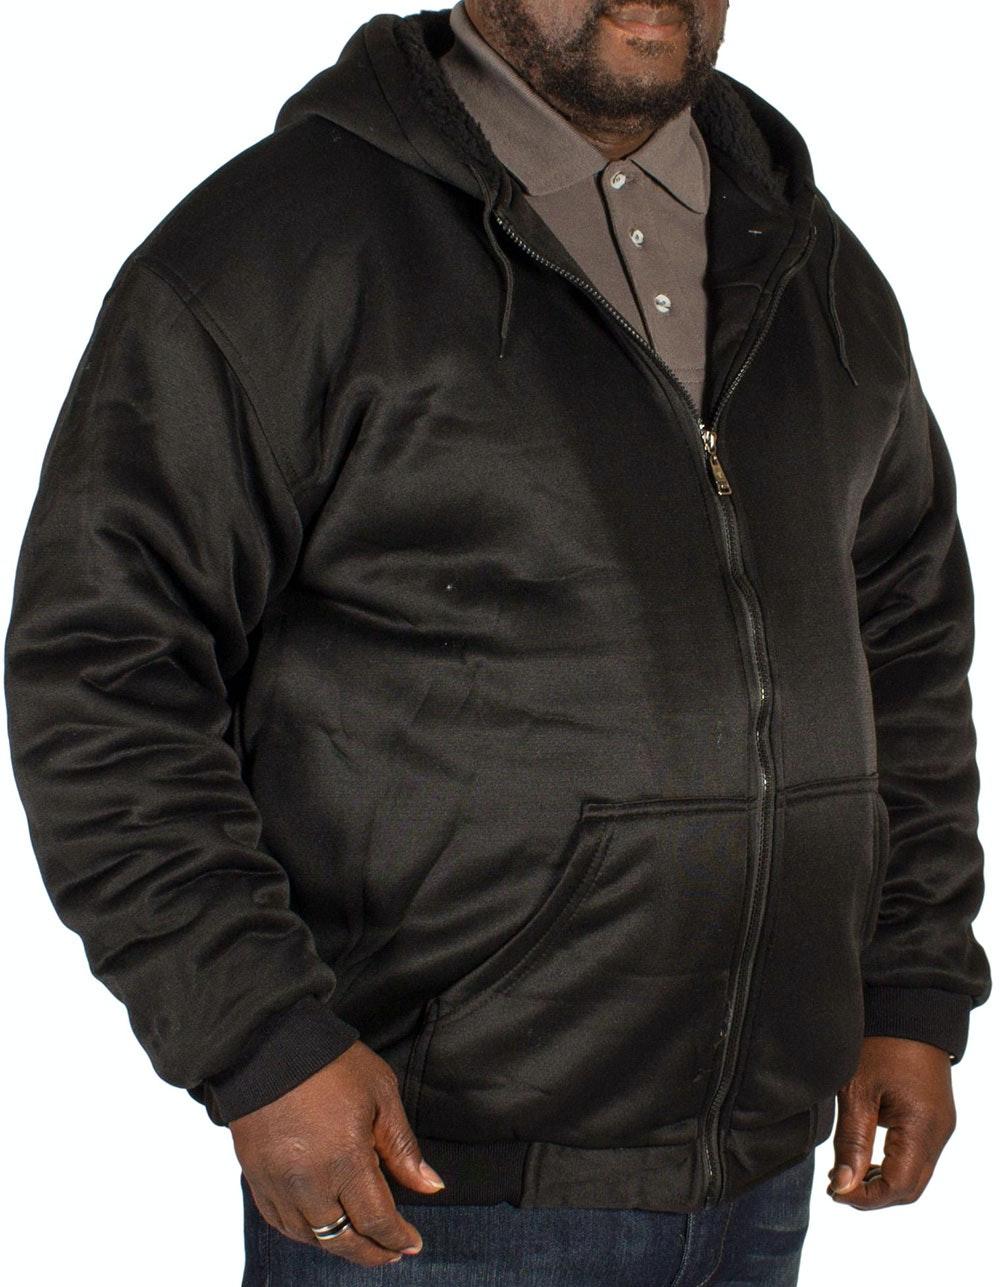 Fitzgerald Fleece Lined Hoody Black